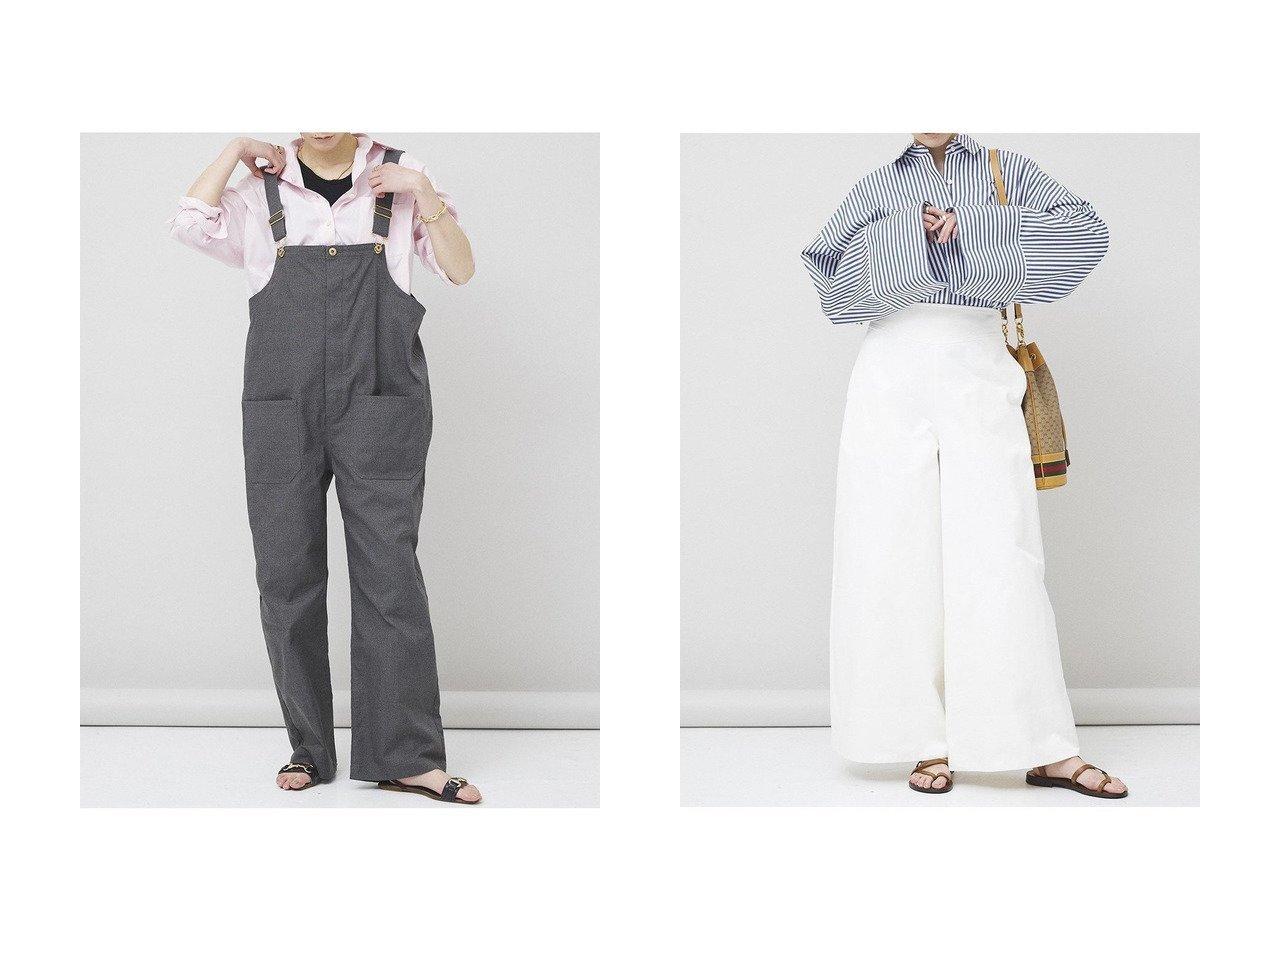 【Curensology/カレンソロジー】の【UNIVERSAL OVERALL】別注オーバーオール&コットンワイドパンツ パンツのおすすめ!人気、トレンド・レディースファッションの通販 おすすめで人気の流行・トレンド、ファッションの通販商品 メンズファッション・キッズファッション・インテリア・家具・レディースファッション・服の通販 founy(ファニー) https://founy.com/ ファッション Fashion レディースファッション WOMEN パンツ Pants 2021年 2021 2021 春夏 S/S SS Spring/Summer 2021 S/S 春夏 SS Spring/Summer 別注 春 Spring |ID:crp329100000015797